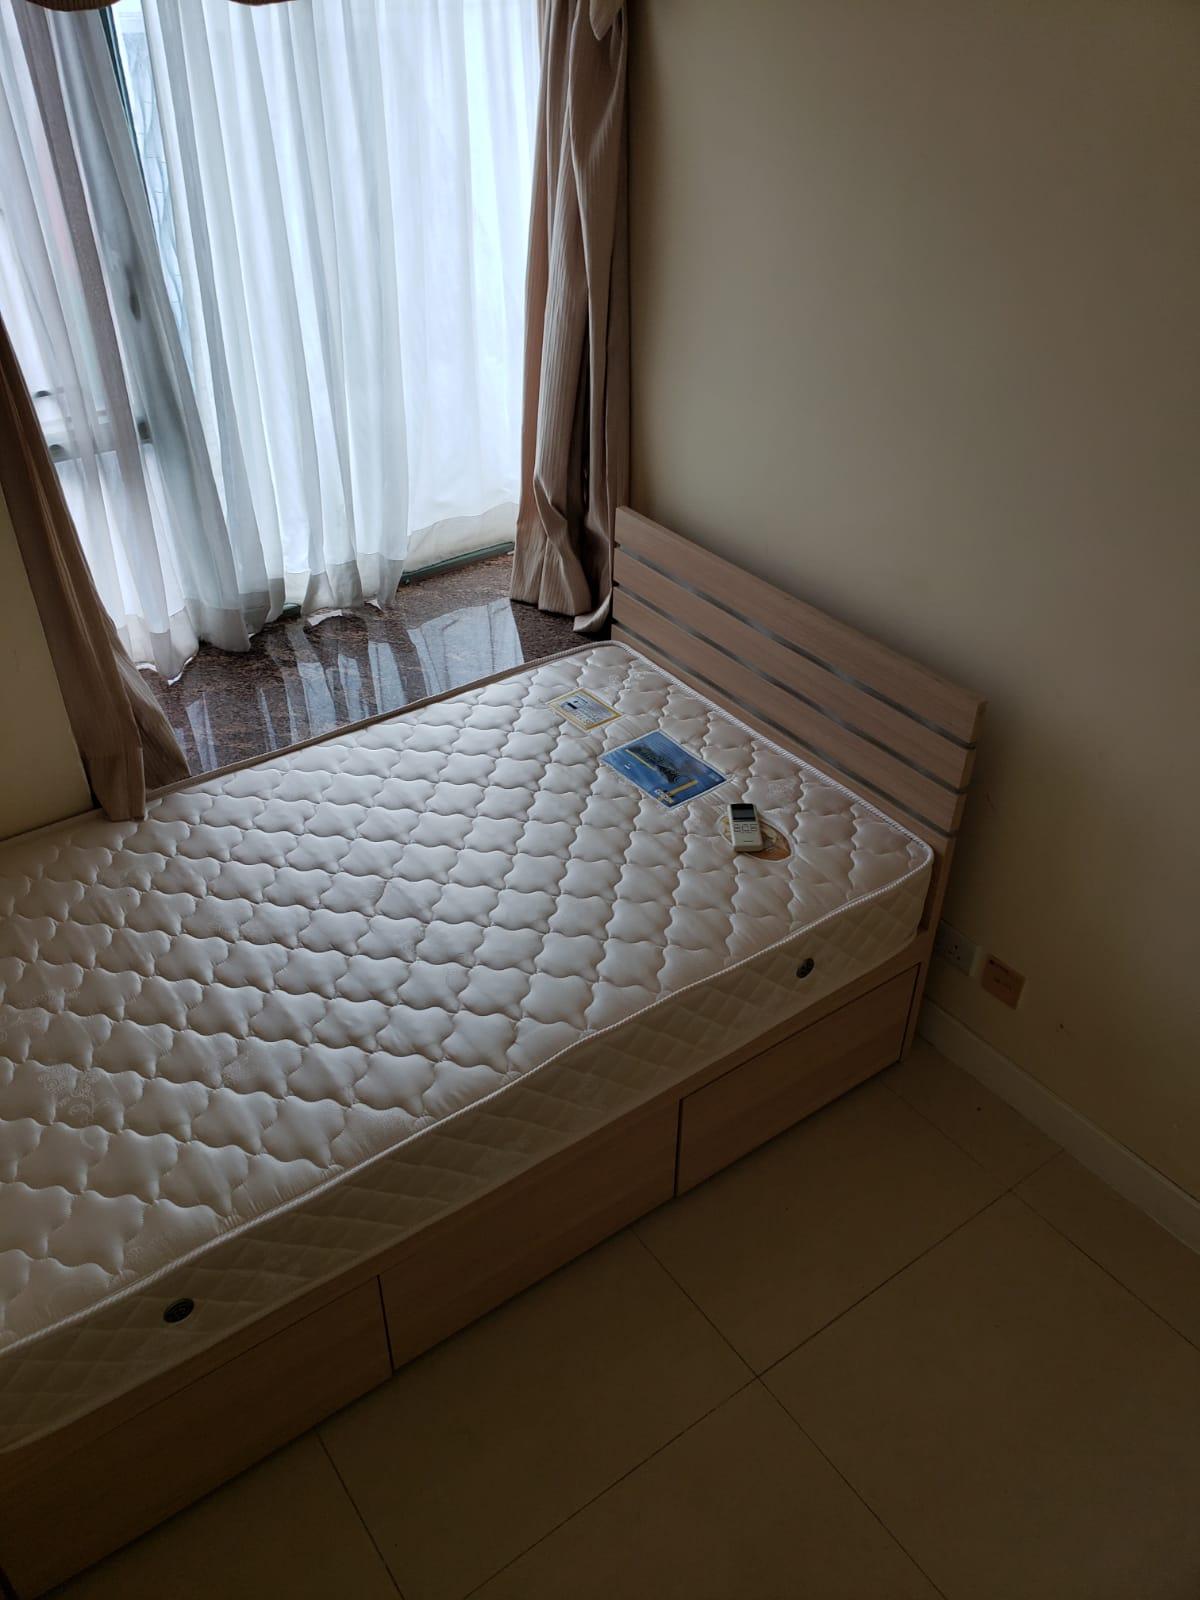 尖沙咀|住宅|港景峰|廣東道 188號